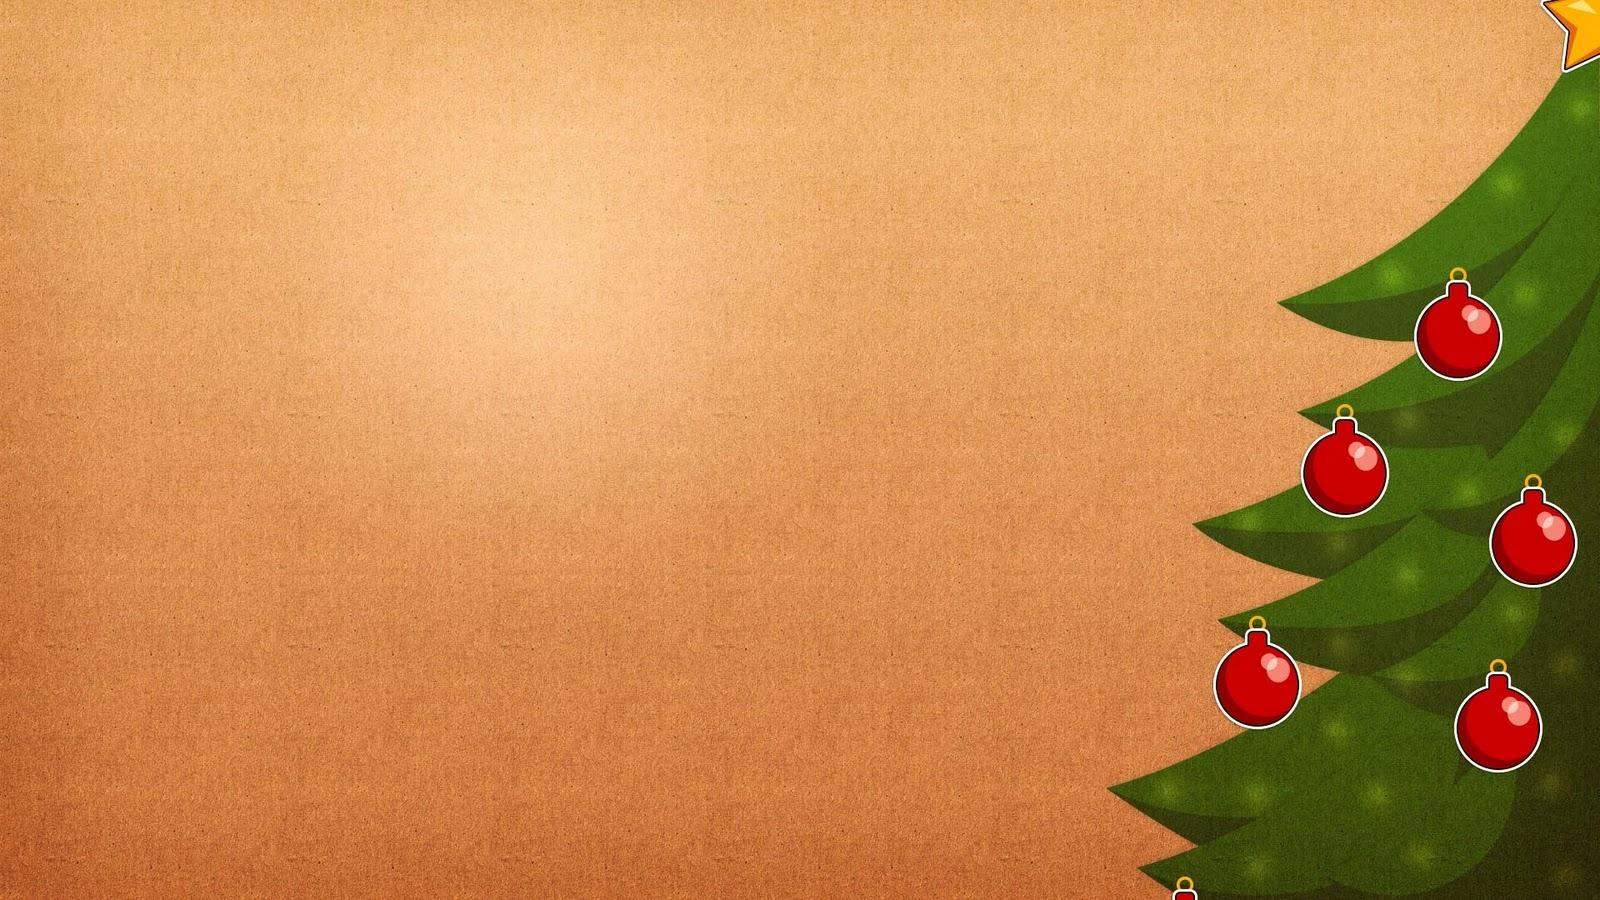 http://2.bp.blogspot.com/-vwJgEKeJB_s/Tqq7xGQ1ofI/AAAAAAAAPAU/zhZH4ZygRUc/s1600/Mooie-kerst-achtergronden-leuke-hd-kerst-wallpapers-afbeelding-plaatje-foto-27.jpg